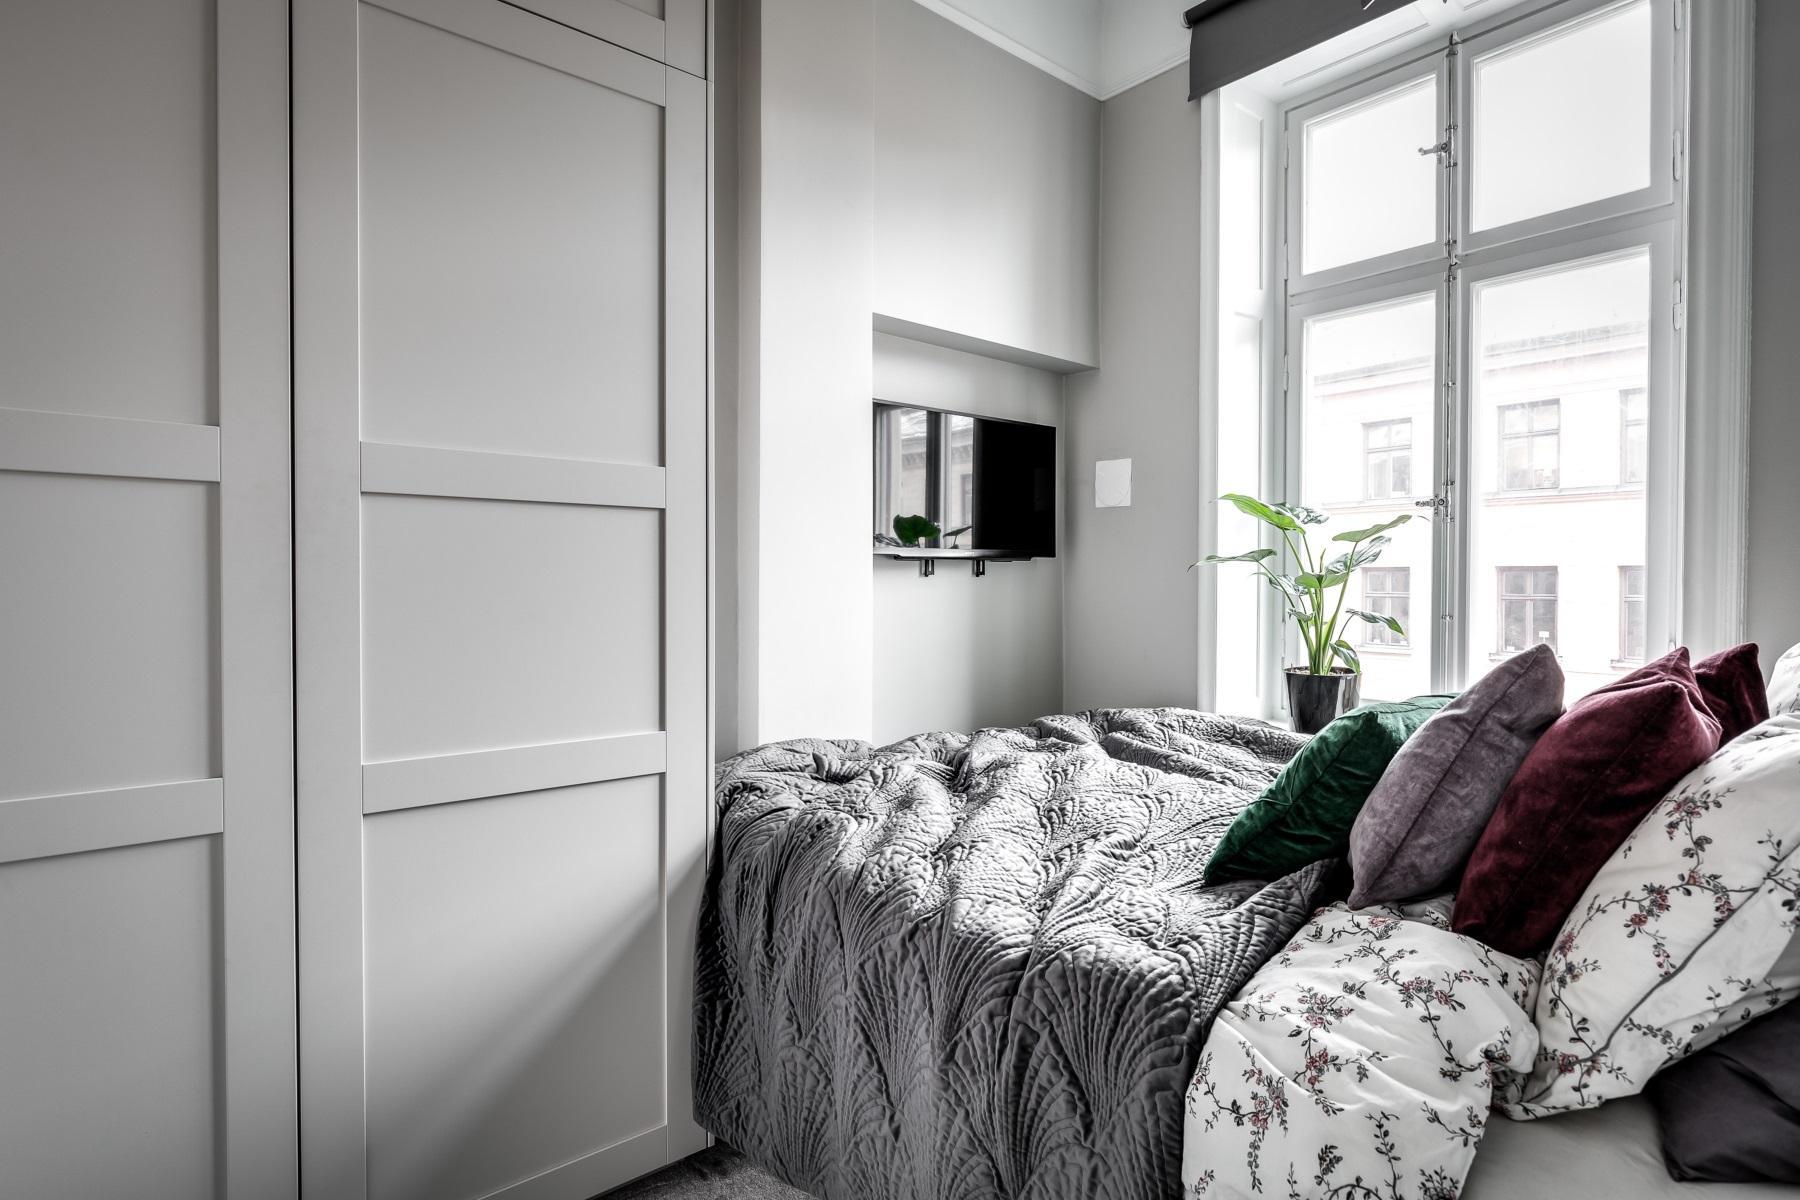 Stunning Tv Voor Slaapkamer Photos - Trend Ideas 2018 ...